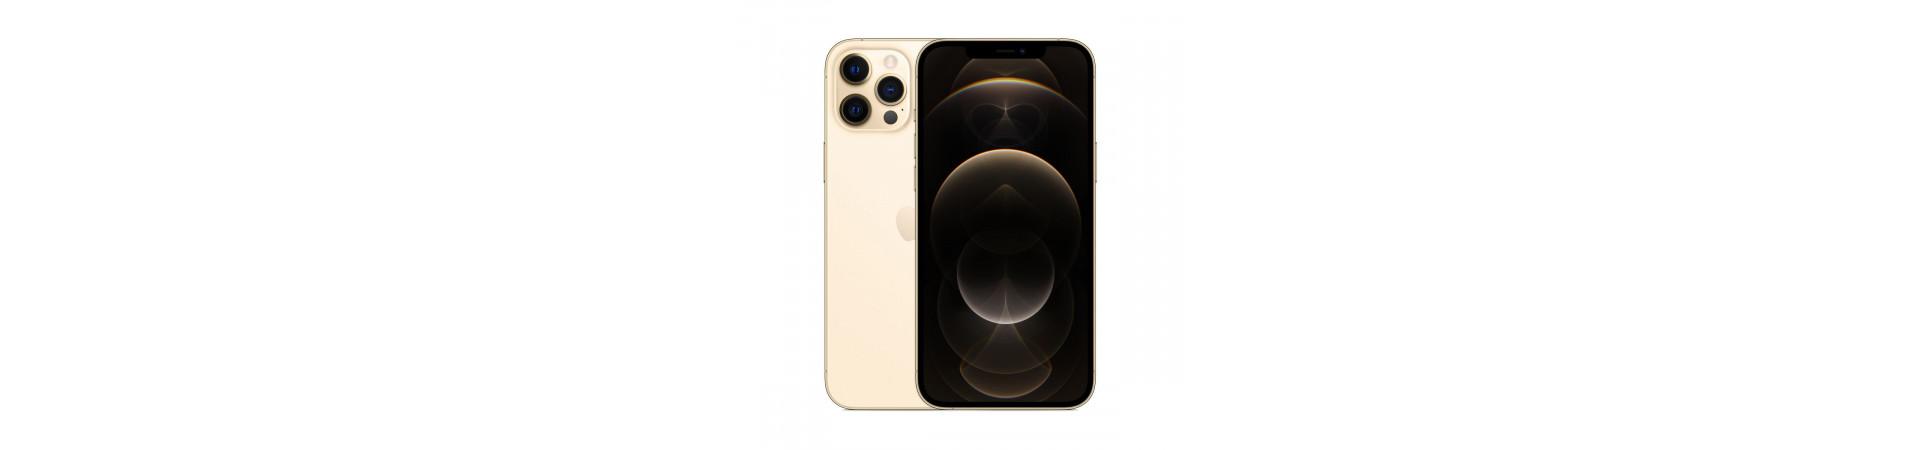 Iphone 12 Pro Max (6.7)